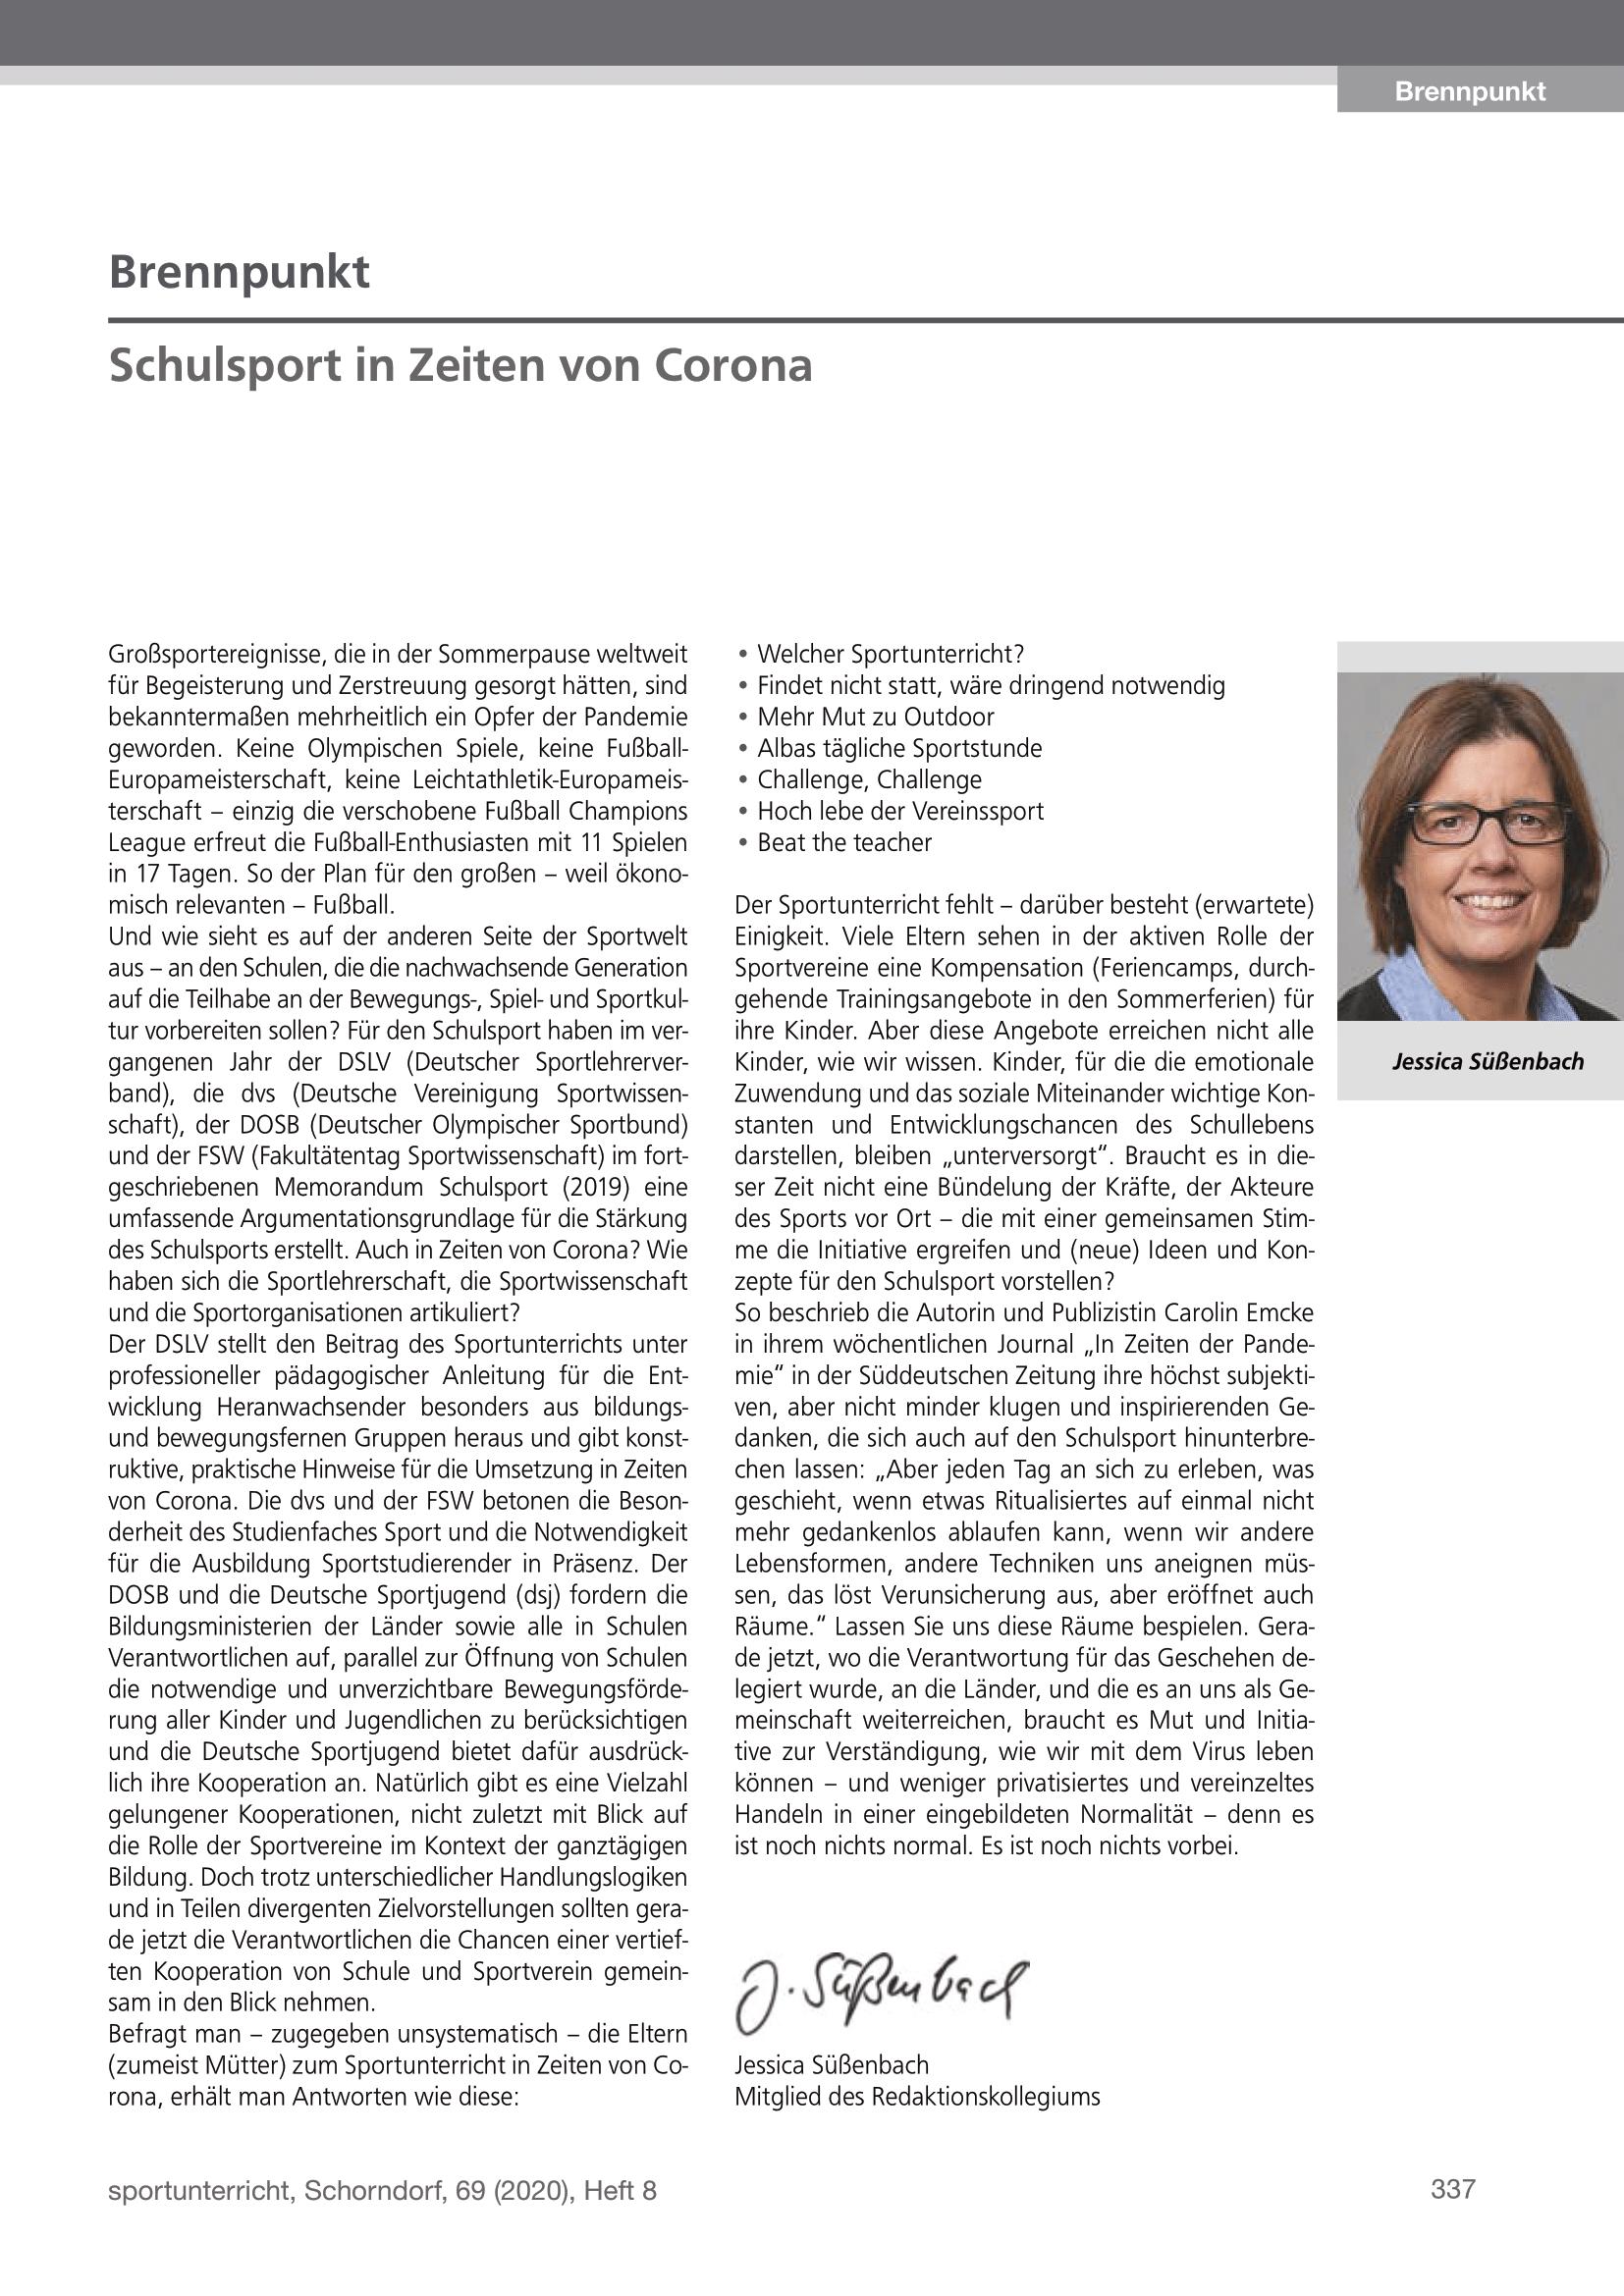 Brennpunkt Ausgabe August 2020